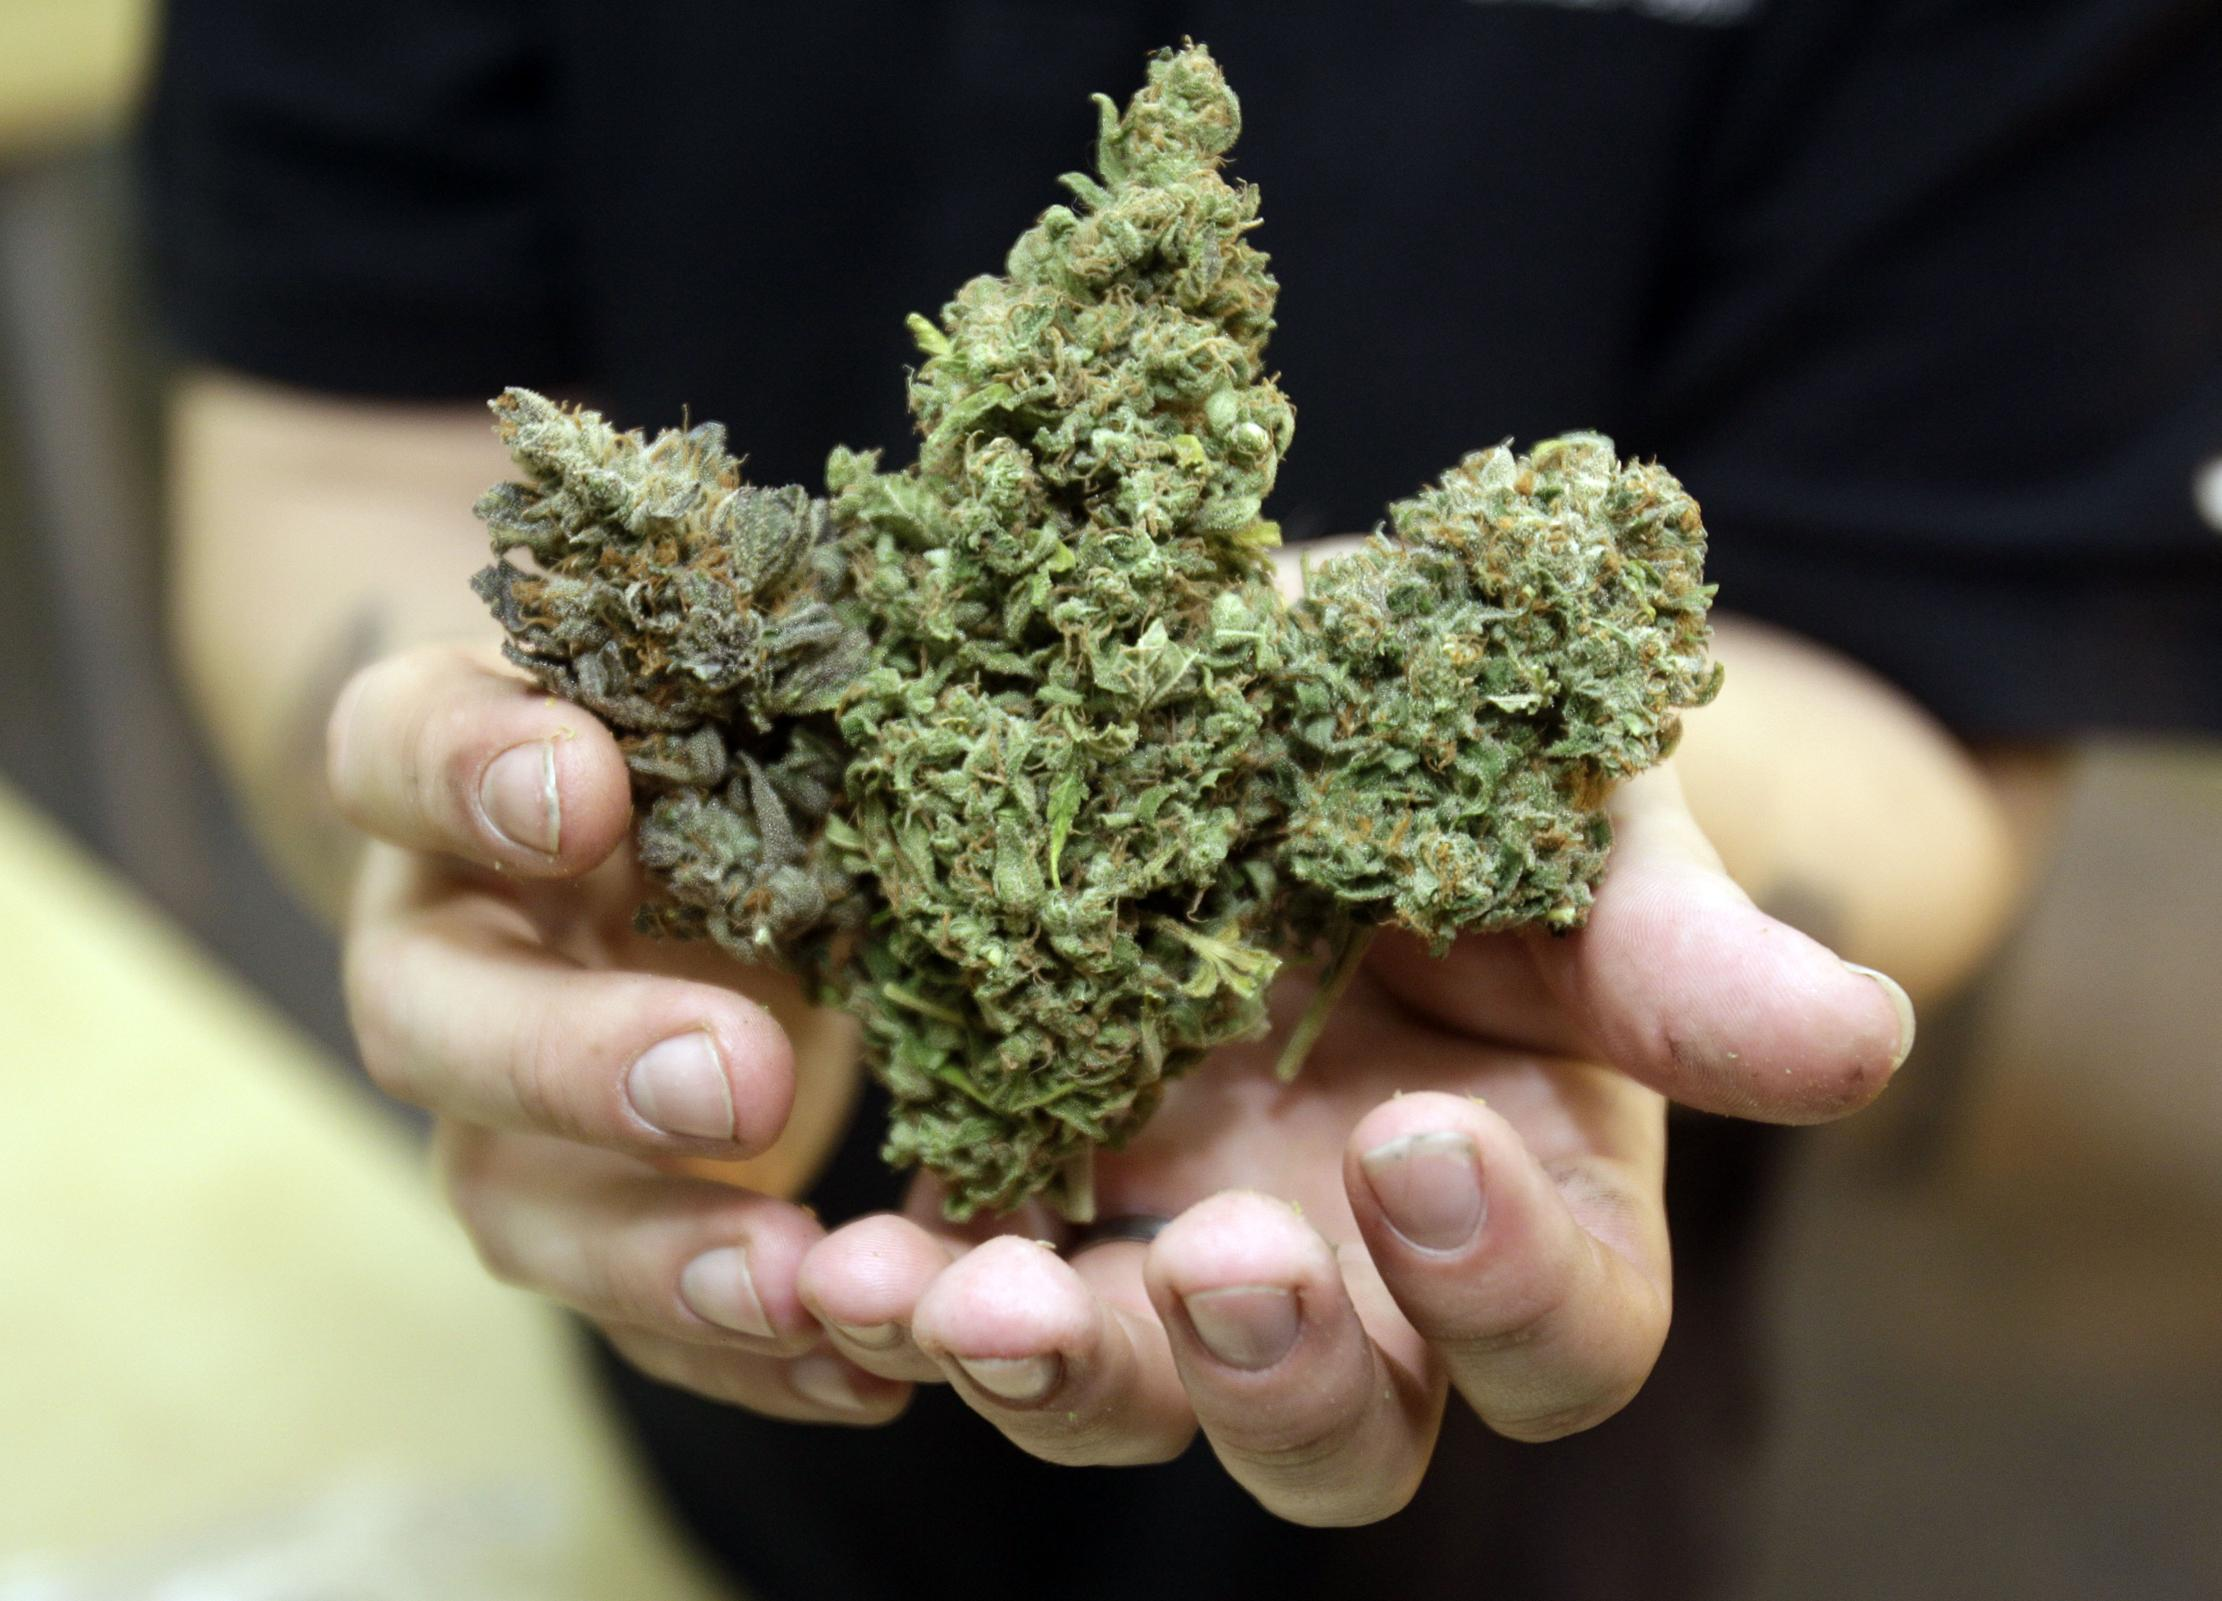 Выращенная марихуана якобы используется только в медицинских целях